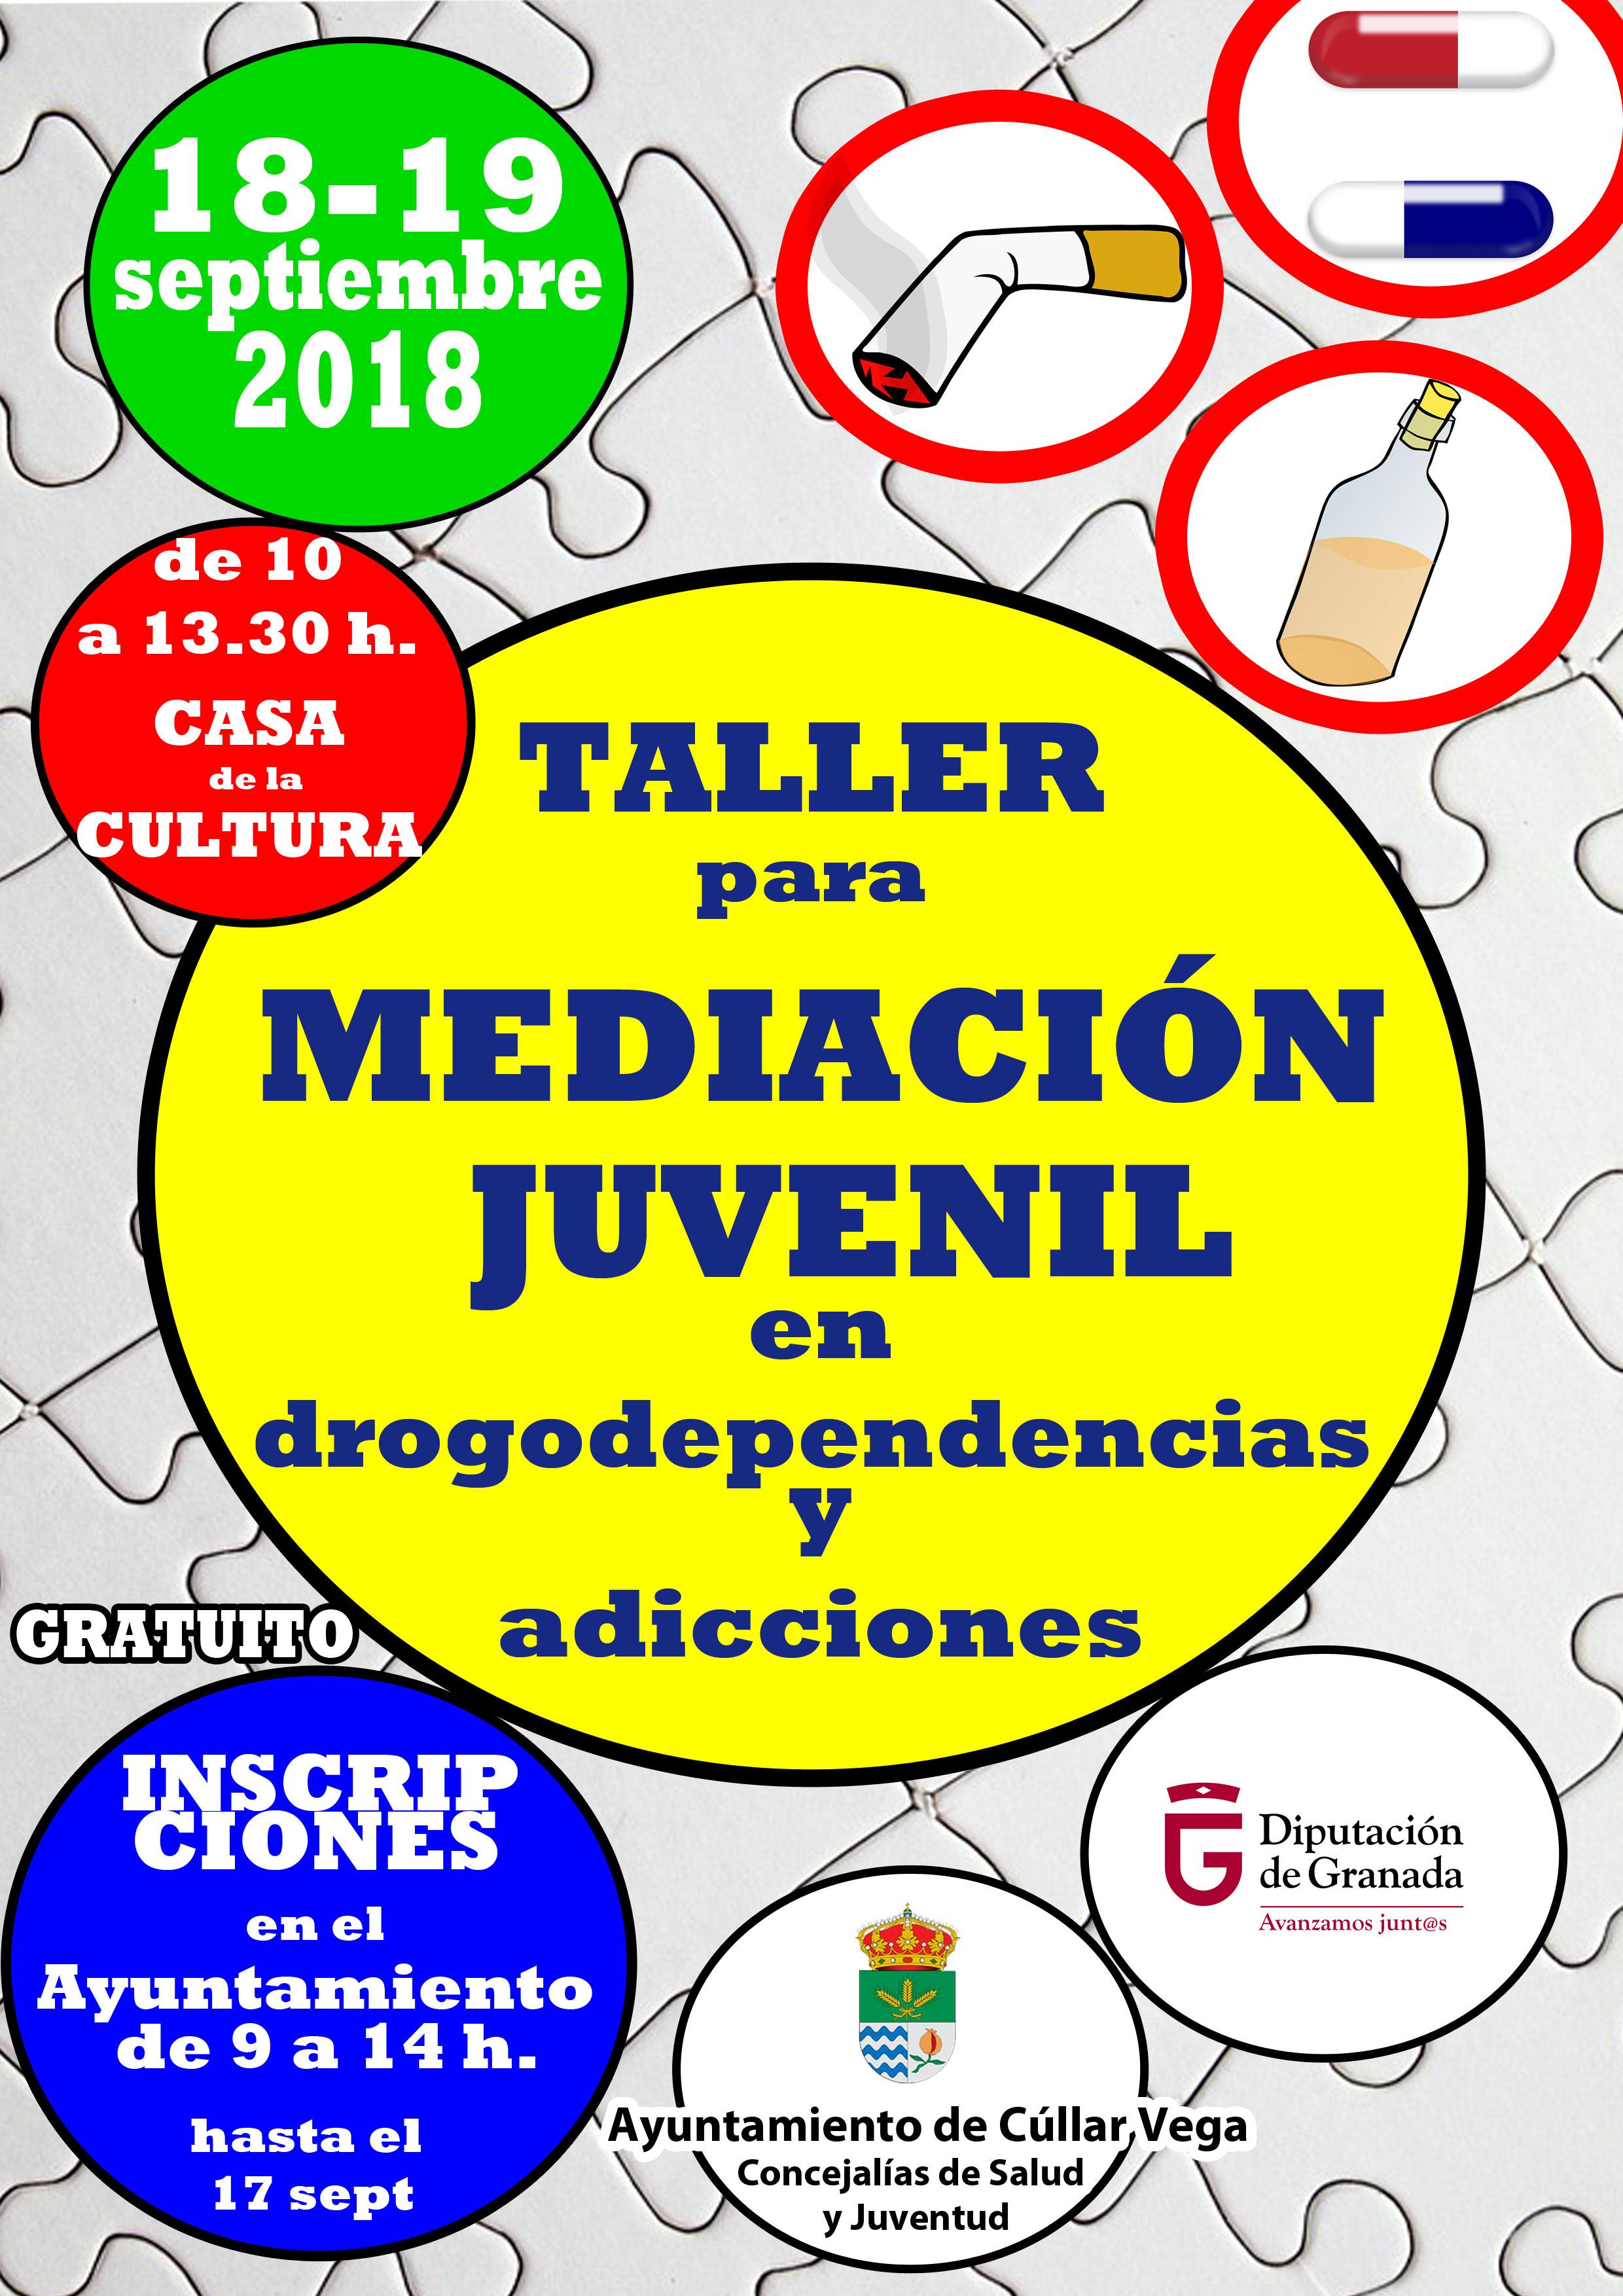 Taller para Mediación Juvenil en drogodependencias y adicciones